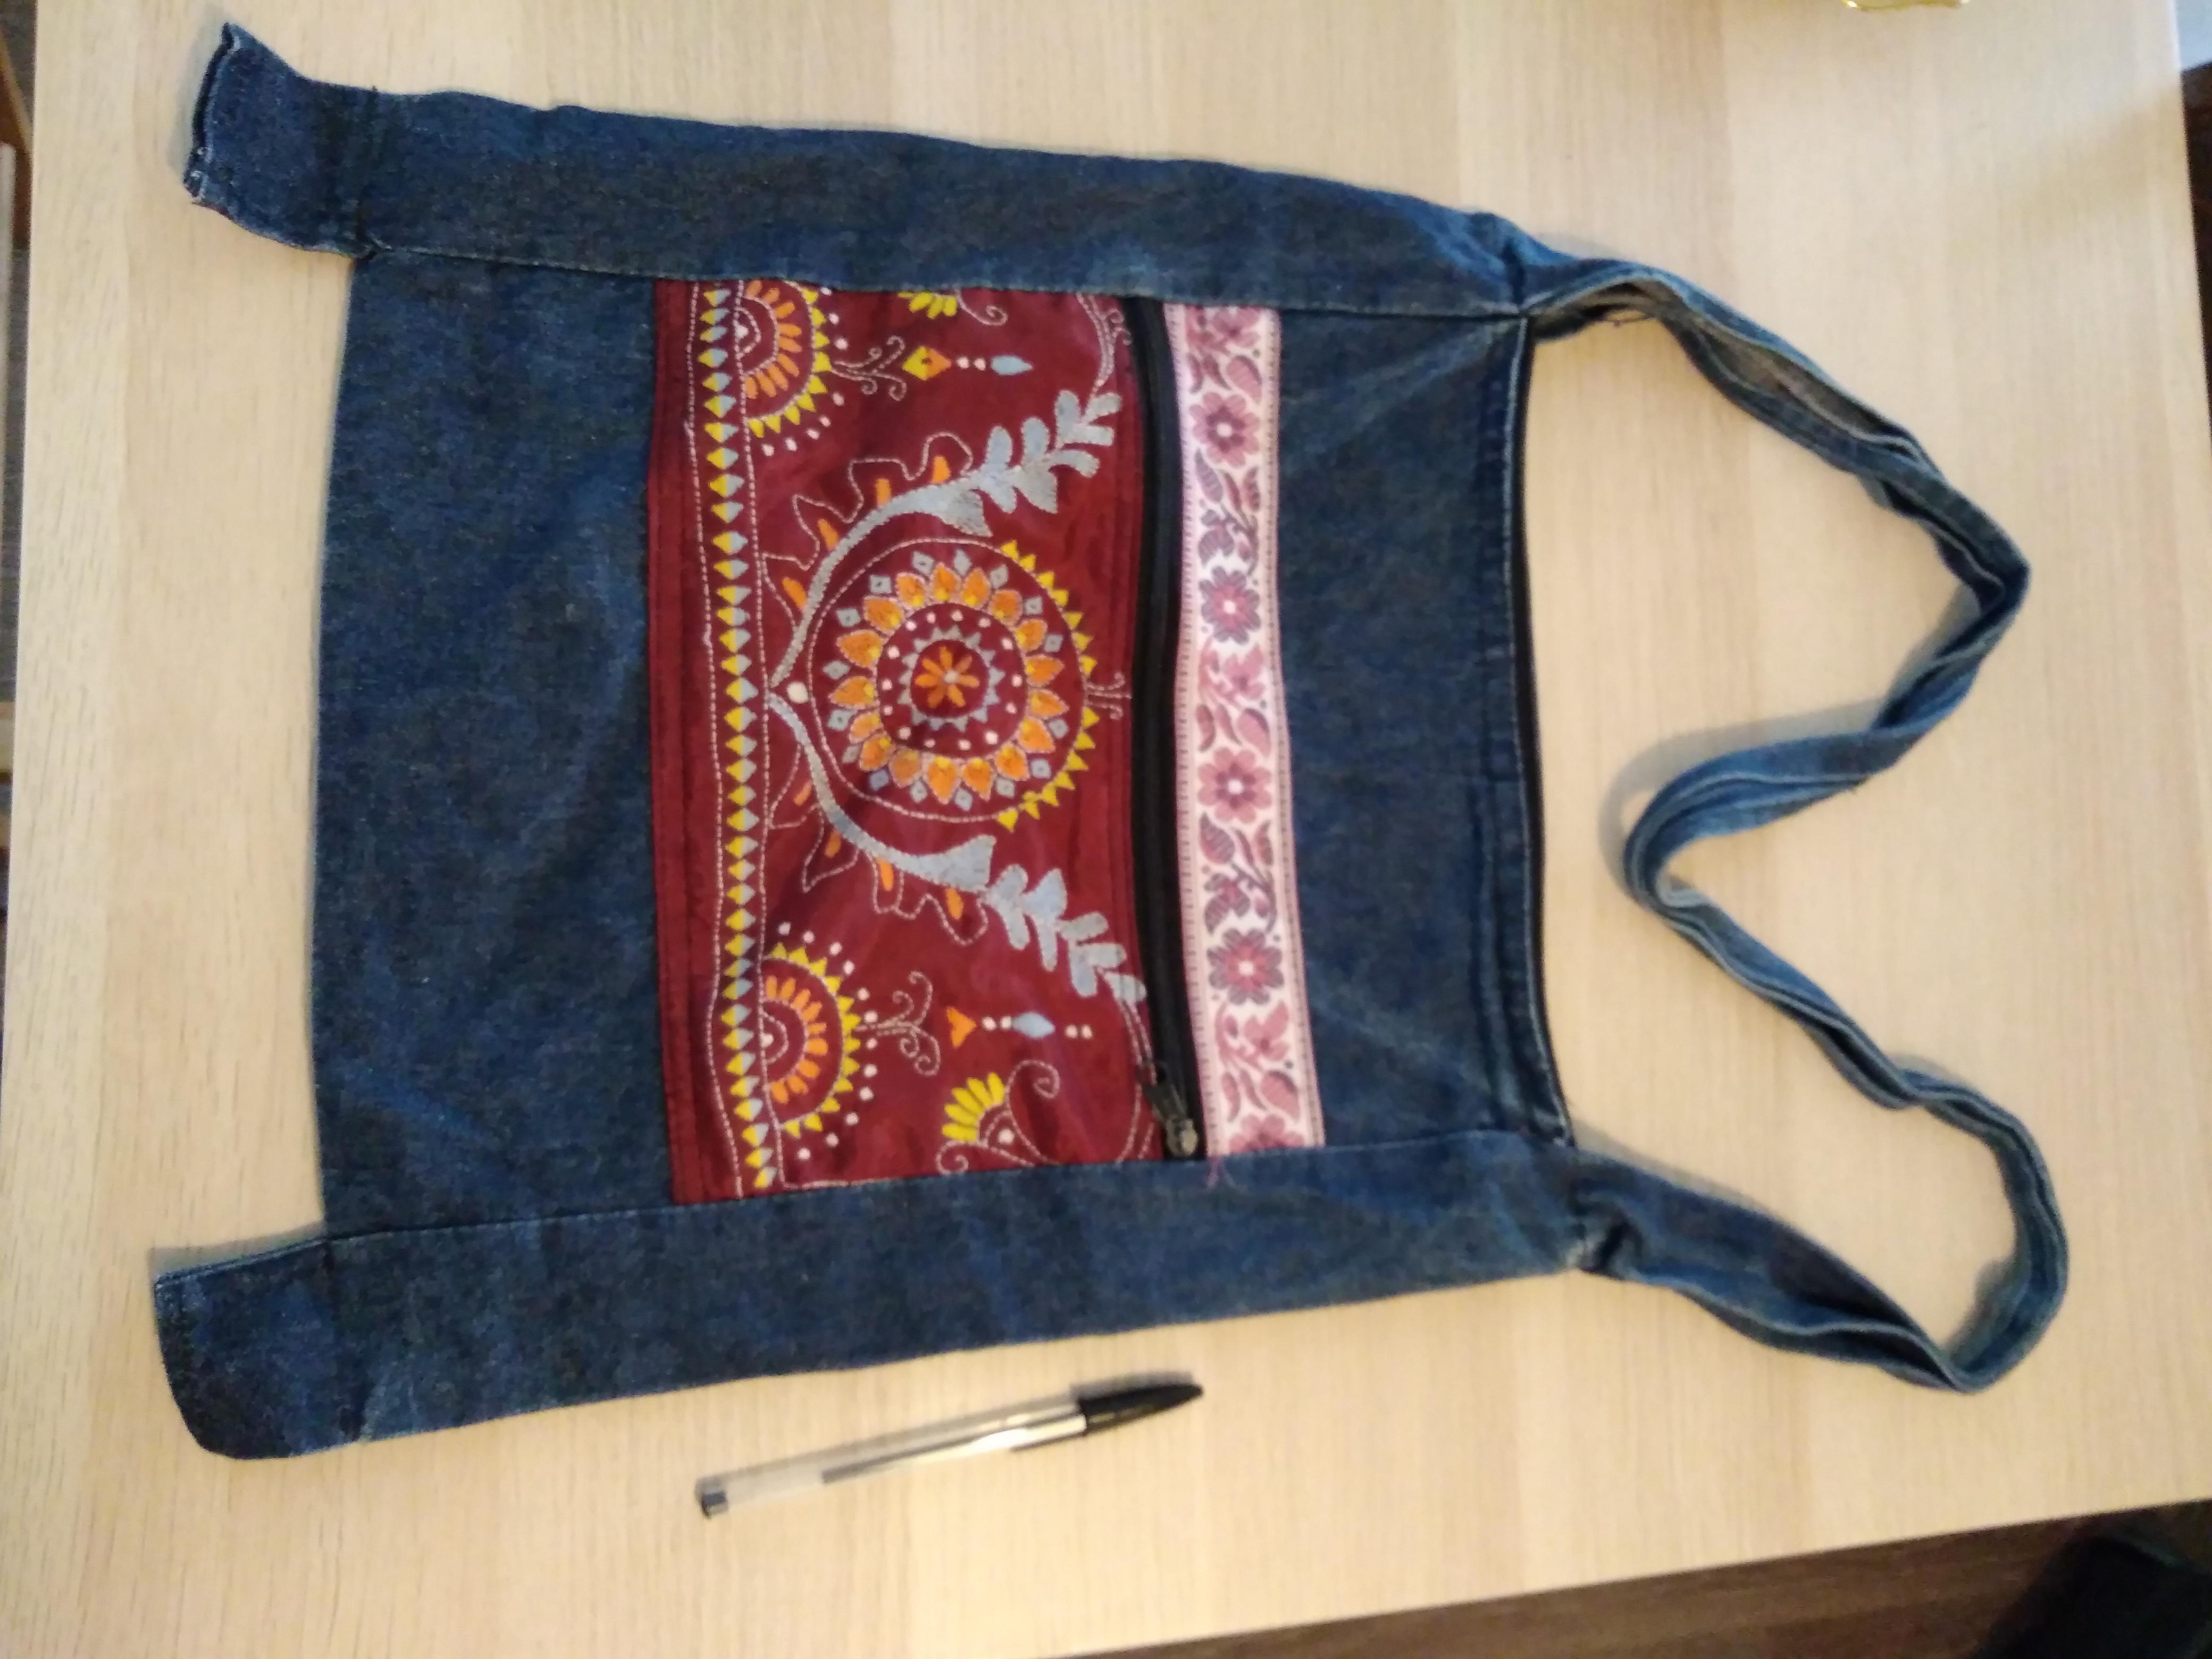 troc de troc sac avec décor image 0